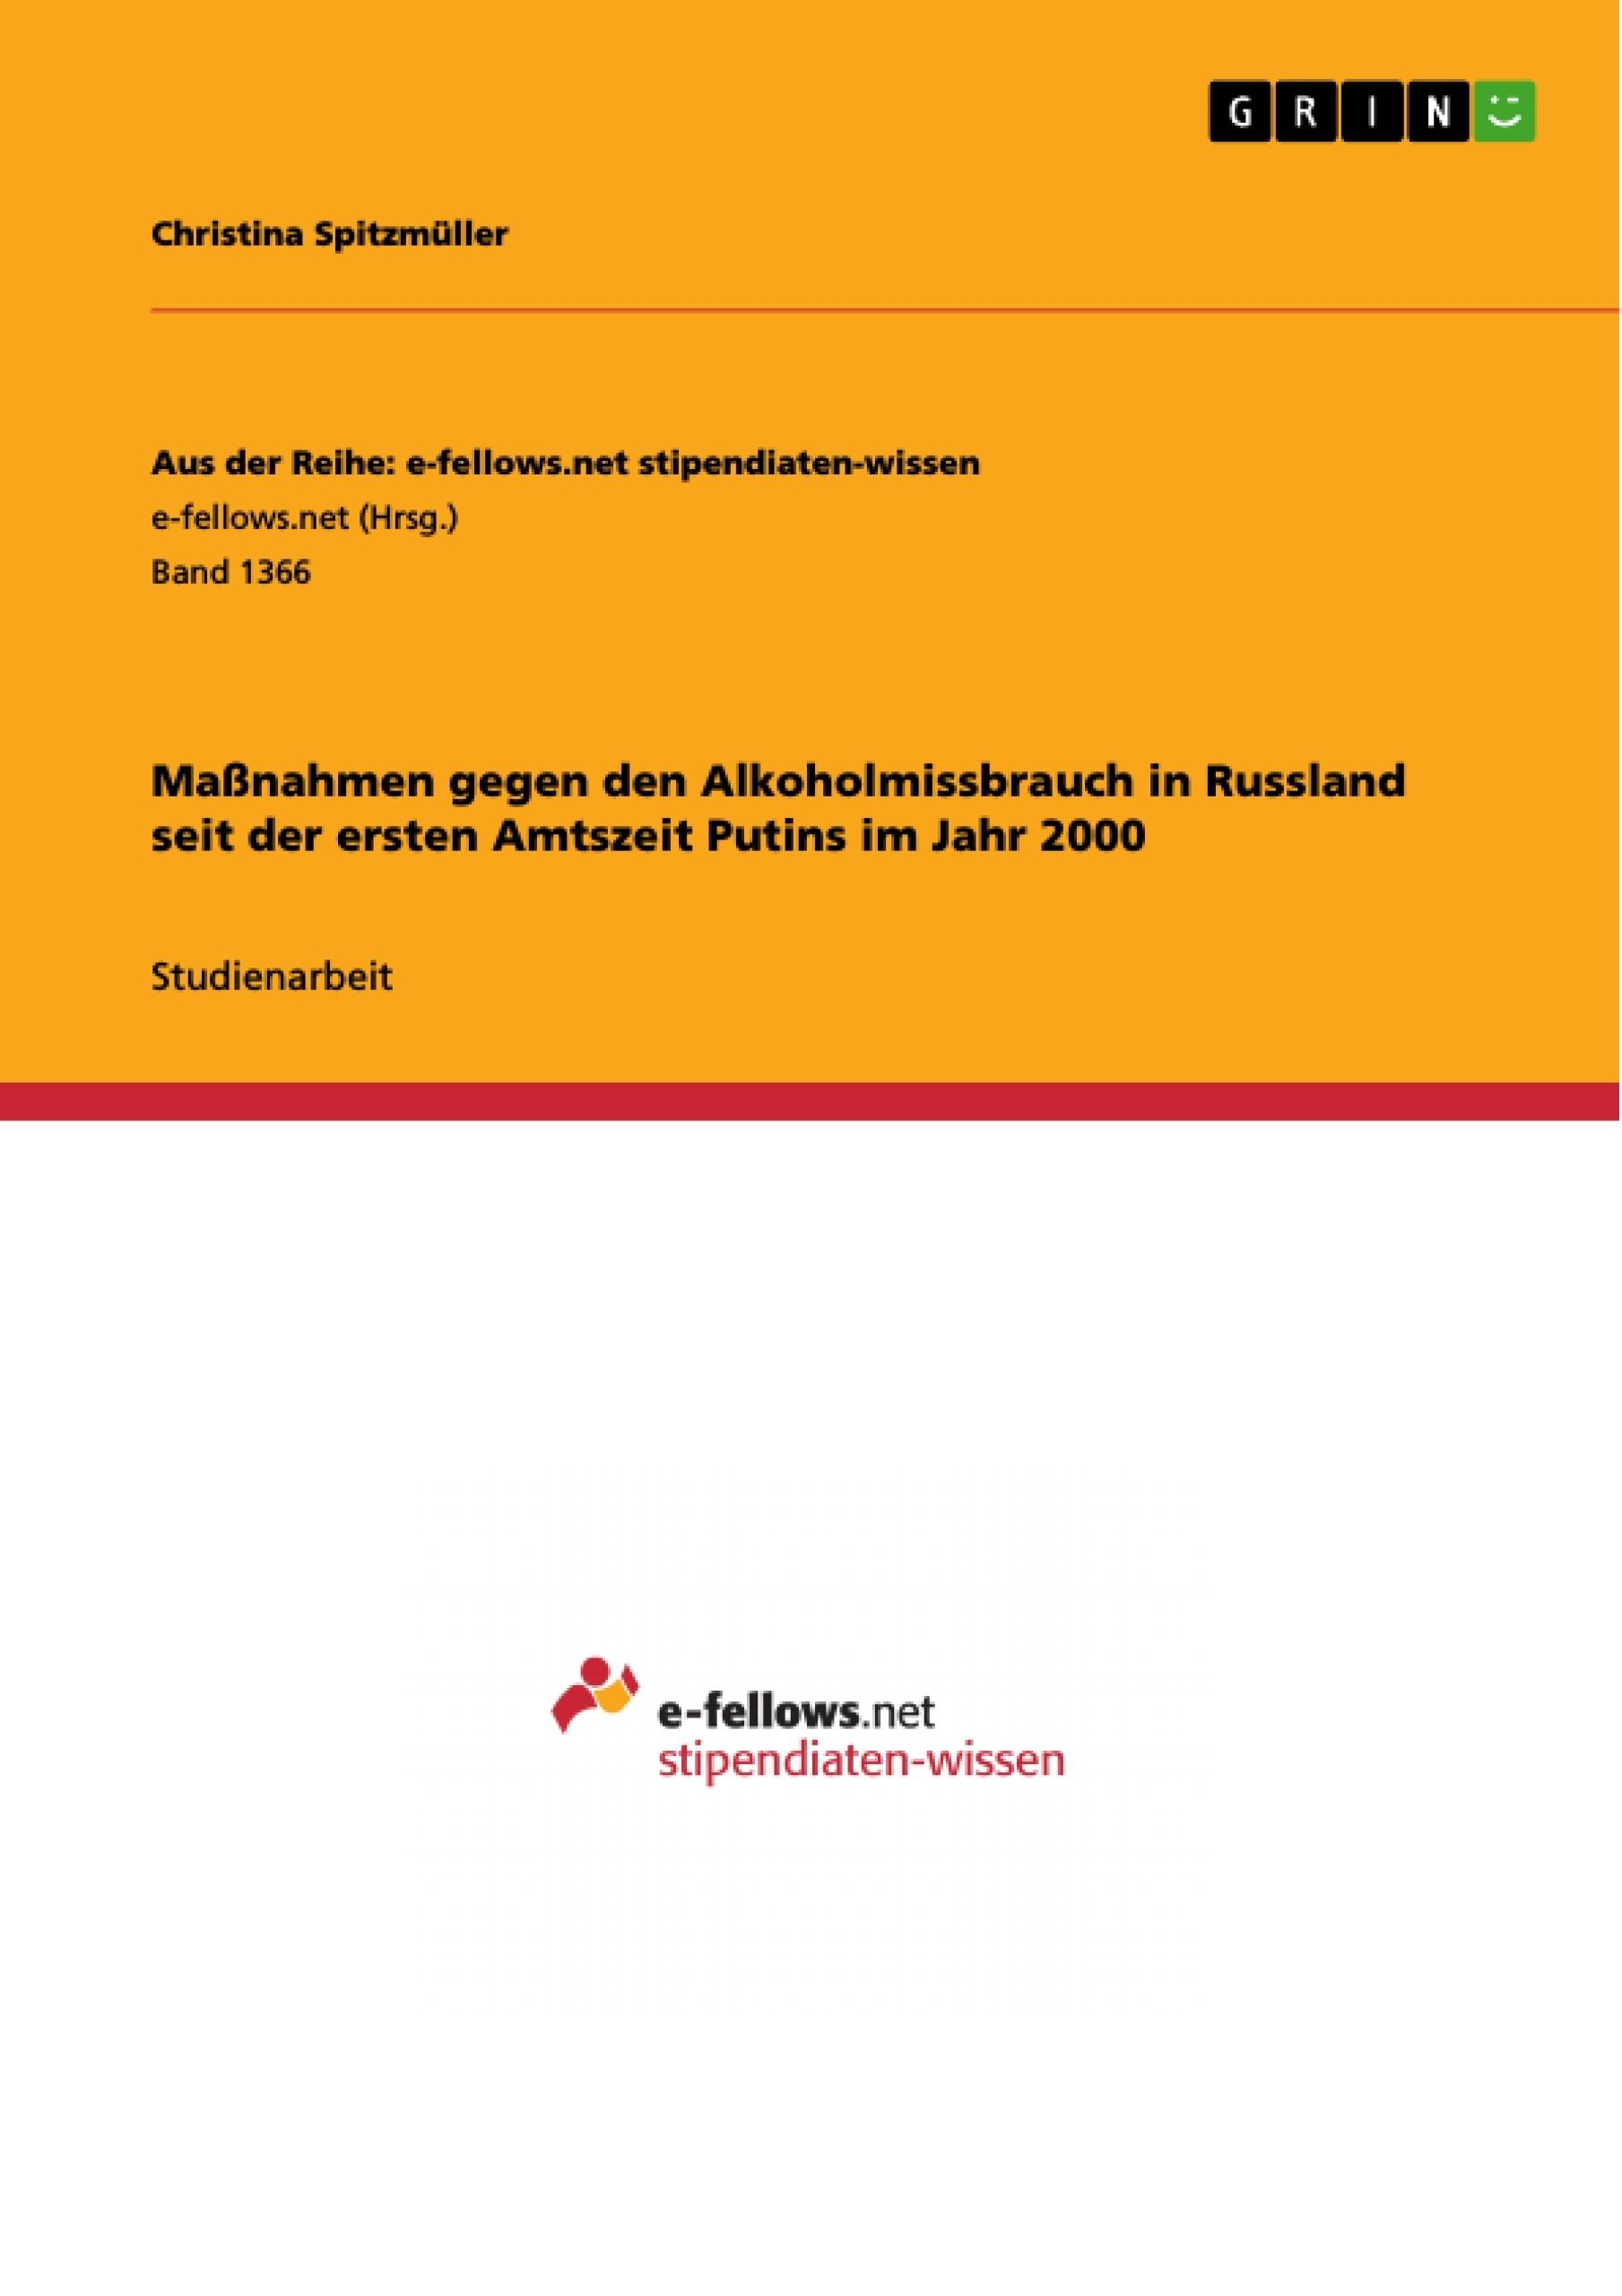 Titel: Maßnahmen gegen den Alkoholmissbrauch in Russland seit der ersten Amtszeit Putins im Jahr 2000